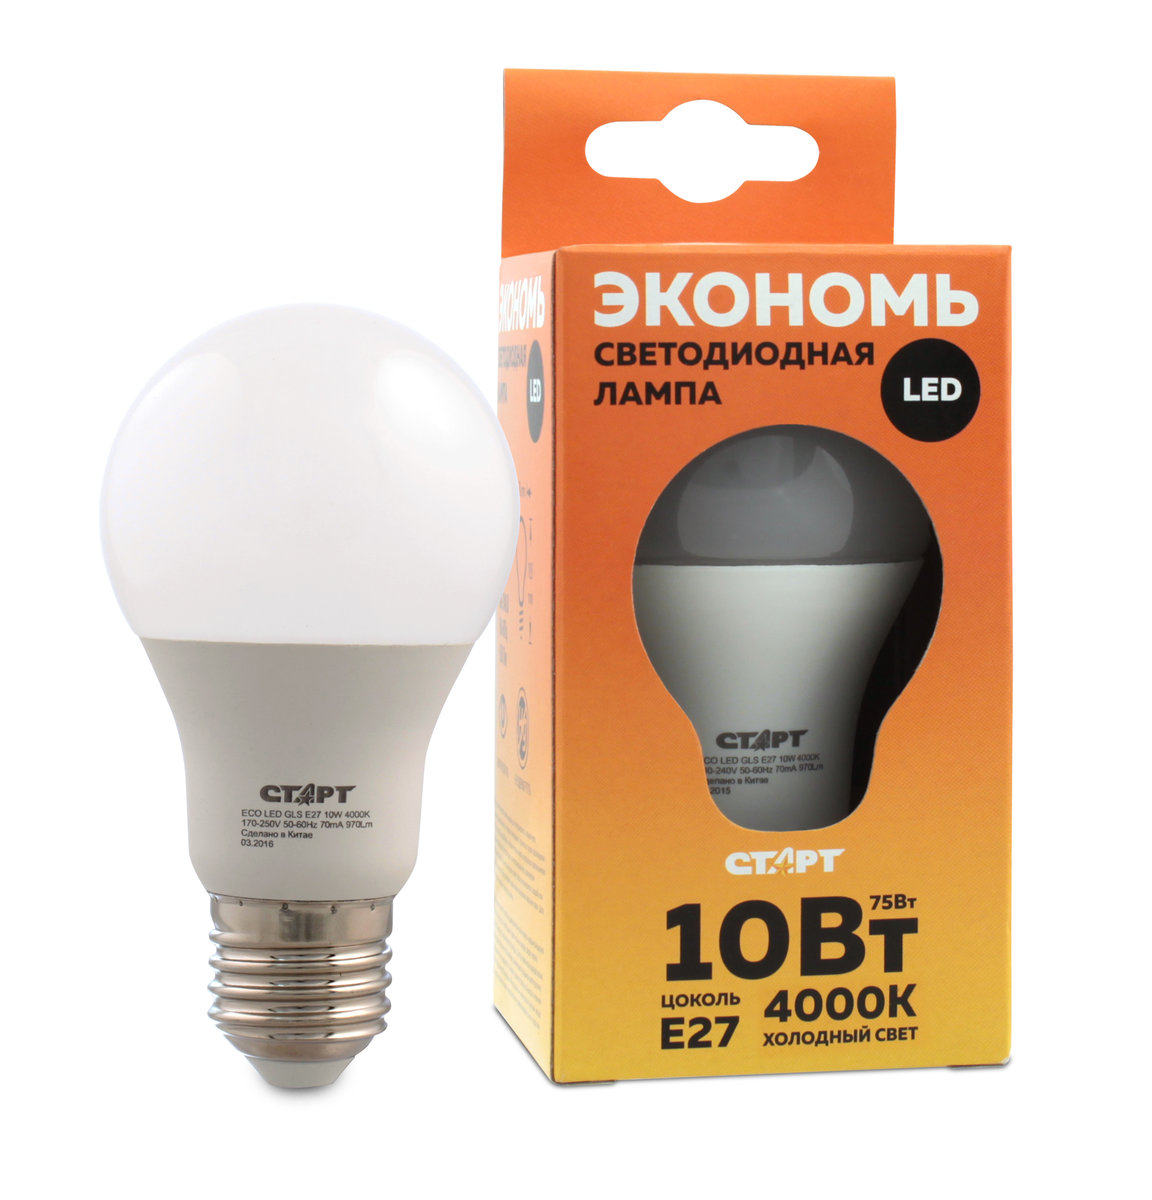 Лампа светодиодная СТАРТ, холодный свет, цоколь E27, 10WLkecLED13wA60E2745Светодиодная лампа СТАРТ – это самый энергоэффективный источник света, при этом имеющий рекордный срок службы. Светодиодные лампы – изделия прочные, не боятся падения с высоты человеческого роста, встрясок и вибраций. Лампа не имеет вредных материалов в своем составе, а также в процессе эксплуатации светодиодная лампа не излучает ИК- и УФ-лучи. Мощность, Вт: 10.Световой поток, Лм: 800.Напряжение: 220-240. Цоколь: E27.Угол светового пучка: 240°.Цветовая температура, К: 4000.Срок службы, часов: 15000.